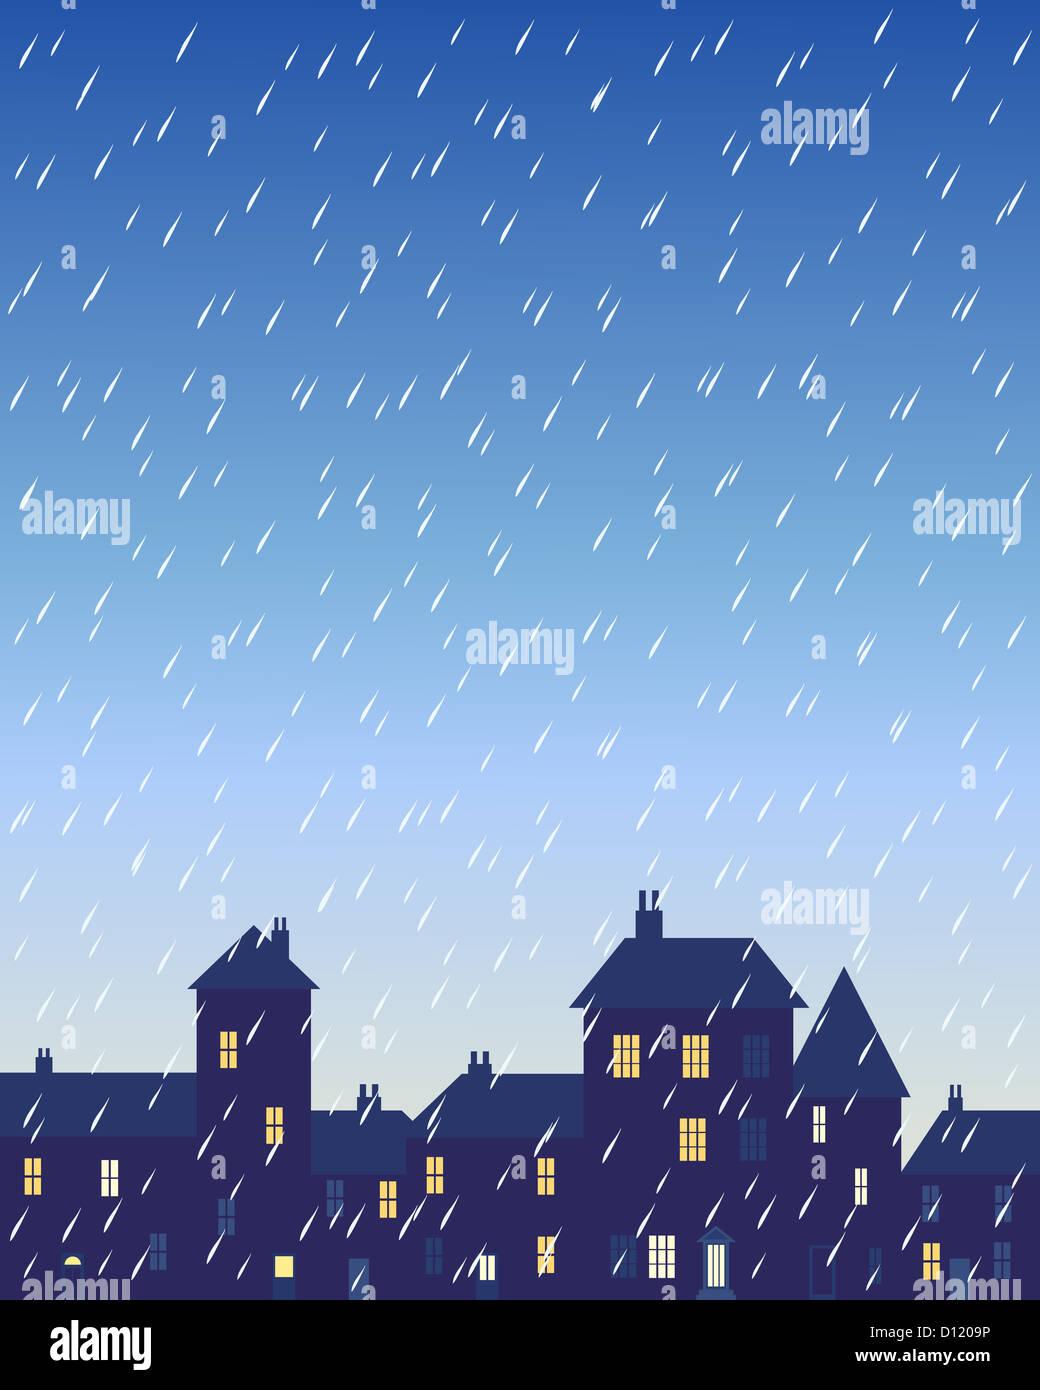 Una ilustración de un día lluvioso en una ciudad con varios edificios con forma y casas con ventanas iluminadas Foto de stock